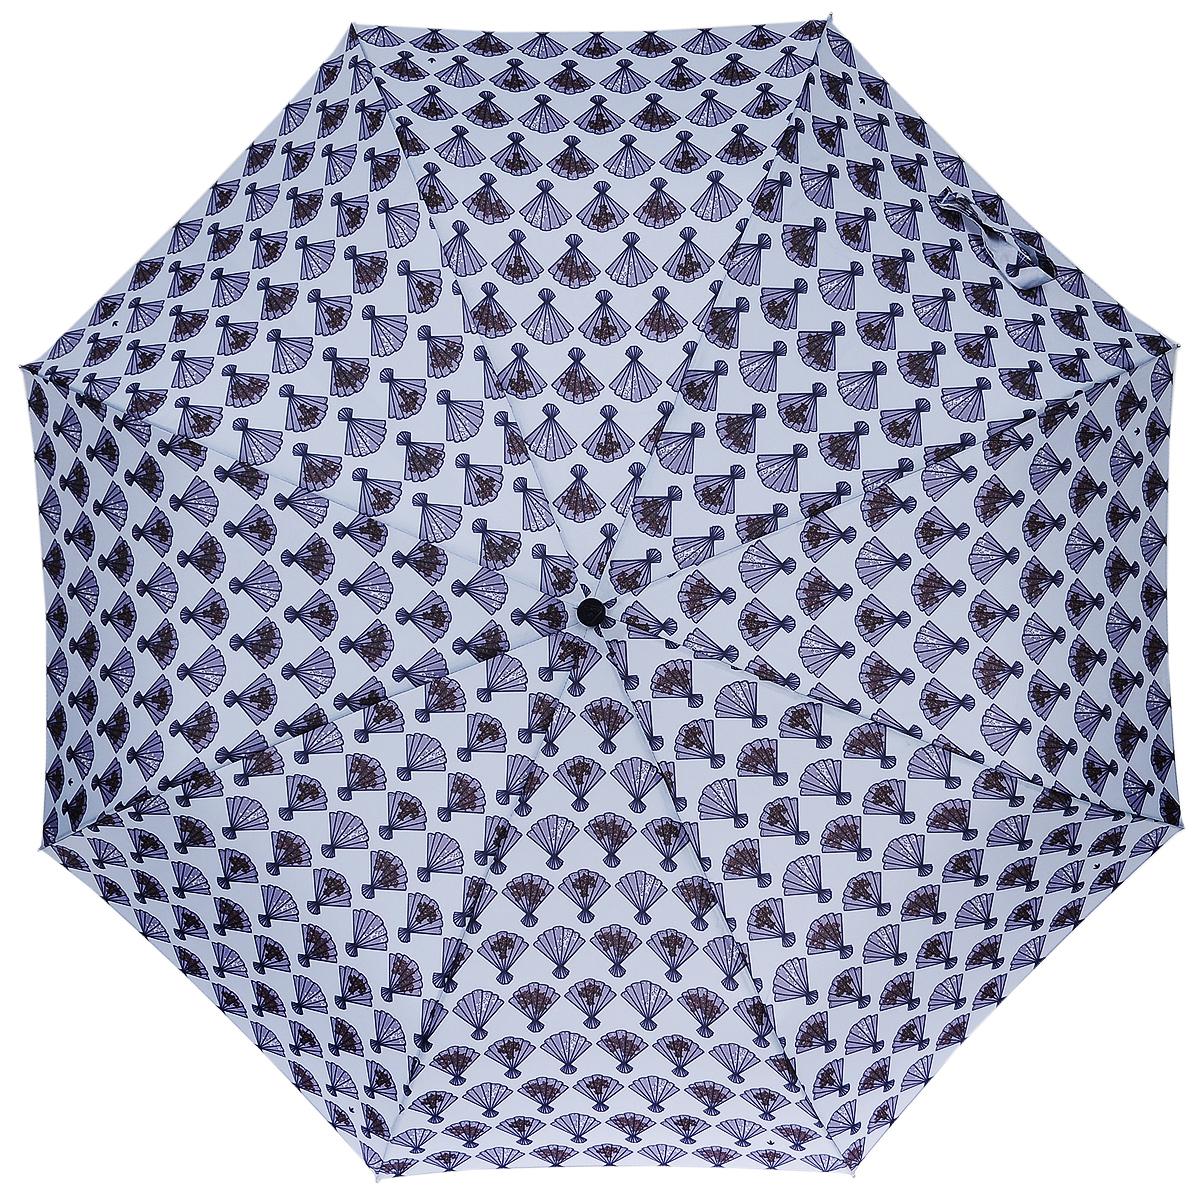 Зонт женский Fulton Flamenco, механический, 3 сложения, цвет: голубой. L354REM12-CAM-GREENBLACKСтильный зонт Fulton Flamenco, защитит от непогоды, а его компактный размер позволит вам всегда носить его с собой. Ветростойкий алюминиевый каркас в 3 сложения состоит из восьми спиц с элементами из фибергласса, зонт оснащен удобной рукояткой из прорезиненного пластика.Купол зонта выполнен из прочного полиэстера и оформлен принтом. На рукоятке для удобства есть небольшой шнурок, позволяющий надеть зонт на руку тогда, когда это будет необходимо.К зонту прилагается чехол. Зонт механического сложения: купол открывается и закрывается вручную, стержень также складывается вручную до характерного щелчка.Характеристики: Материал: алюминий, фибергласс, пластик, полиэстер.Длина зонта в сложенном виде: 24 см.Длина ручки (стержня) в раскрытом виде:54 см.